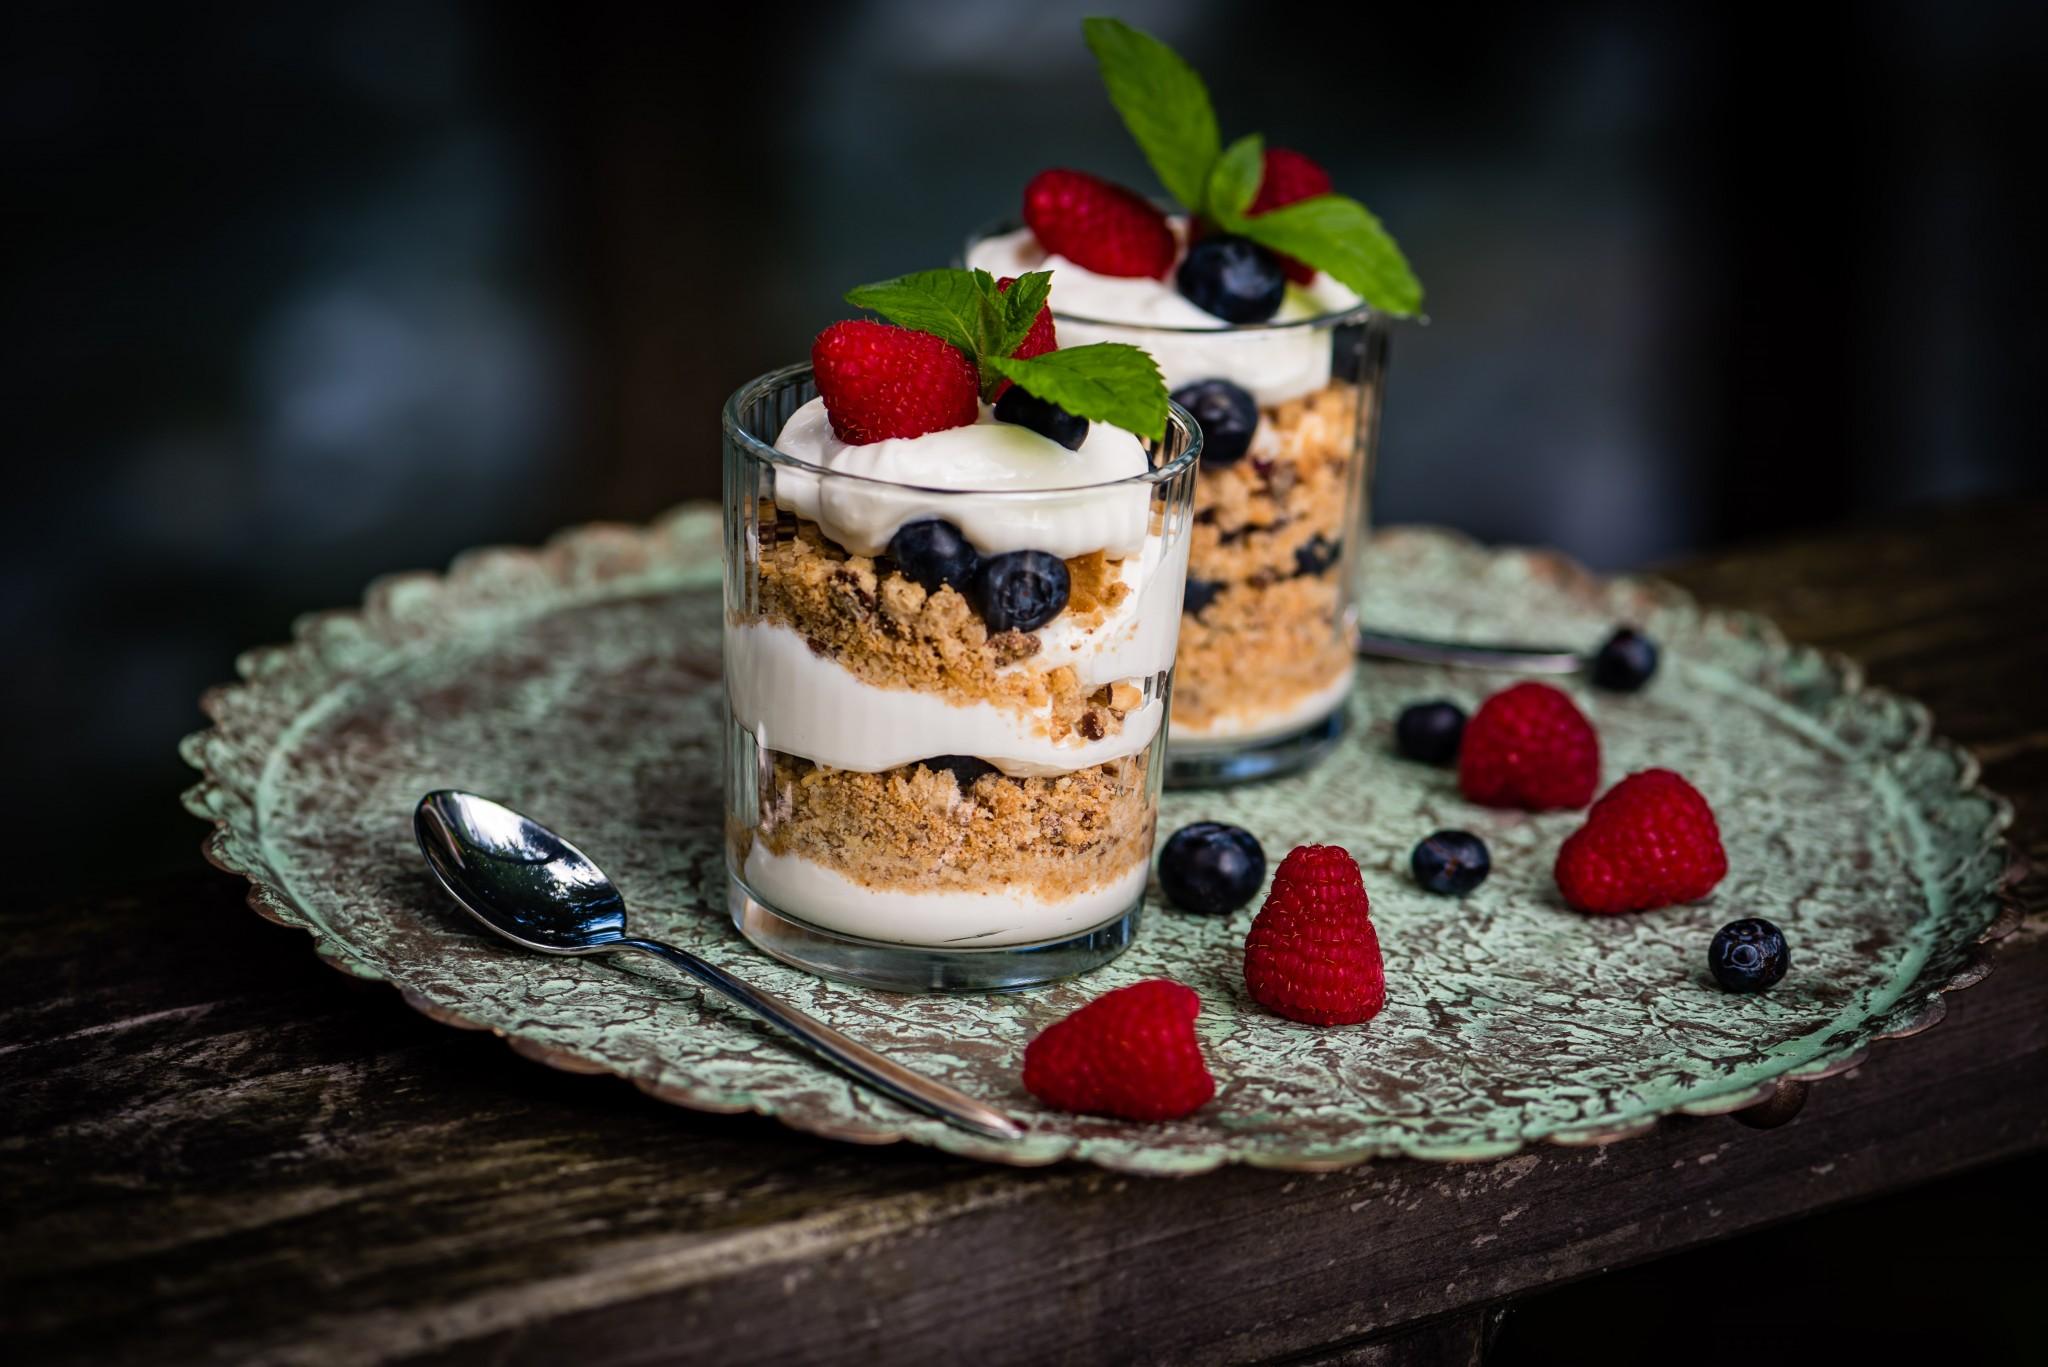 Mascarpone-Beeren-Trifle oder Fantastico ai frutti di bosco